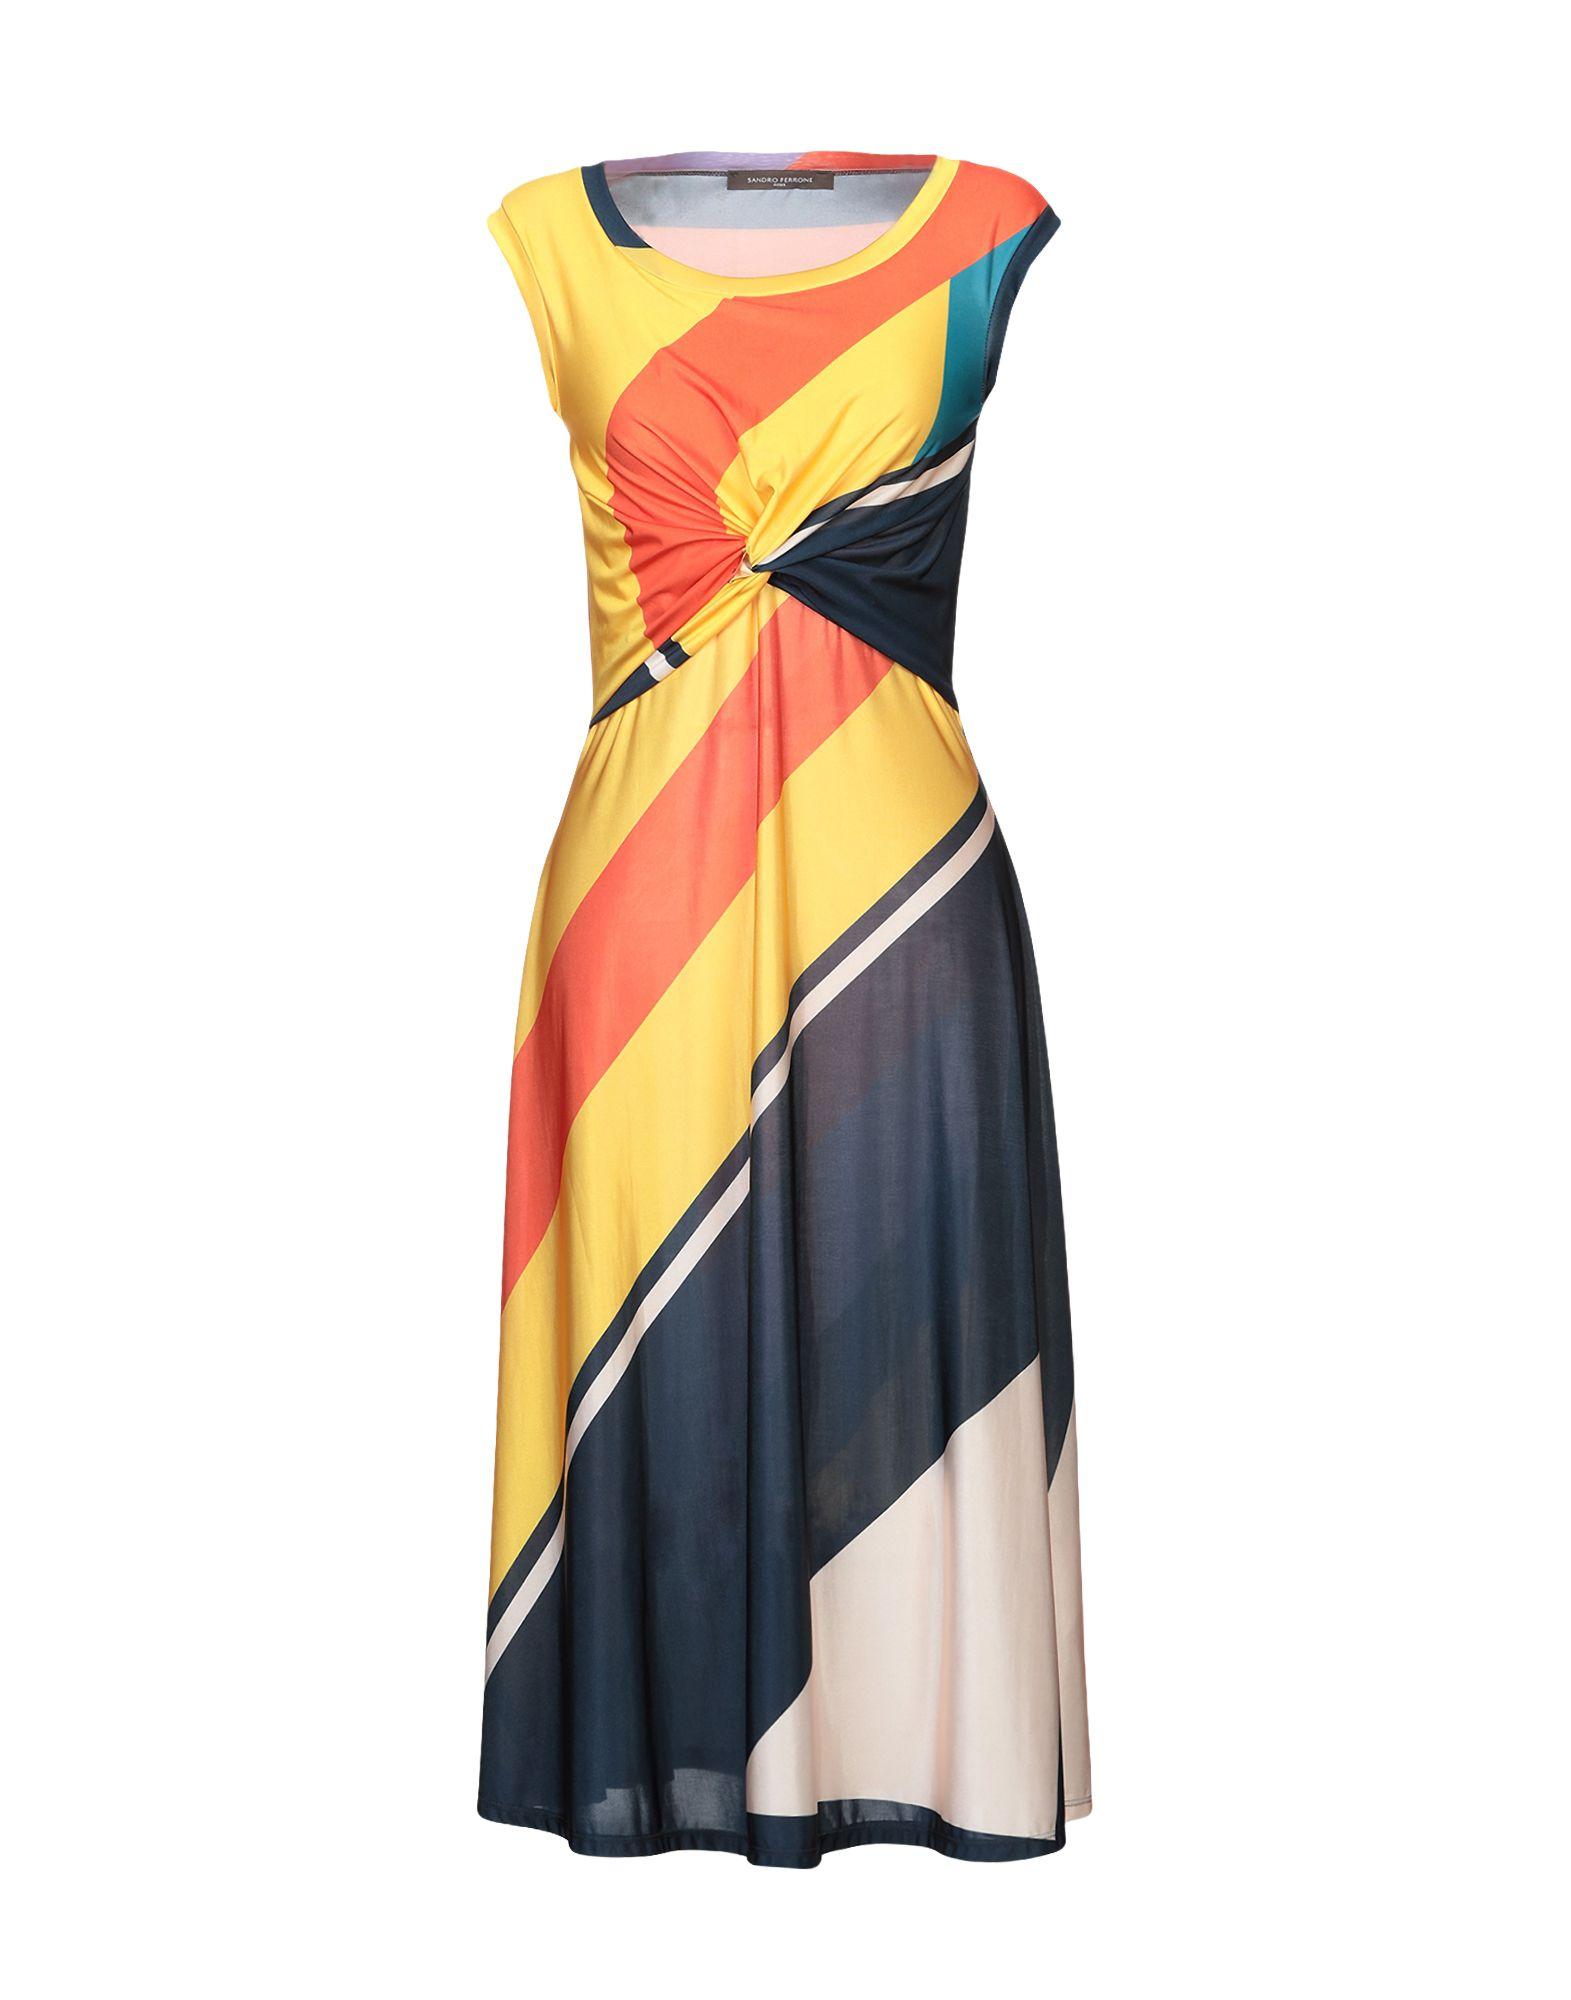 Фото - SANDRO FERRONE Платье длиной 3/4 sandro ferrone короткое платье